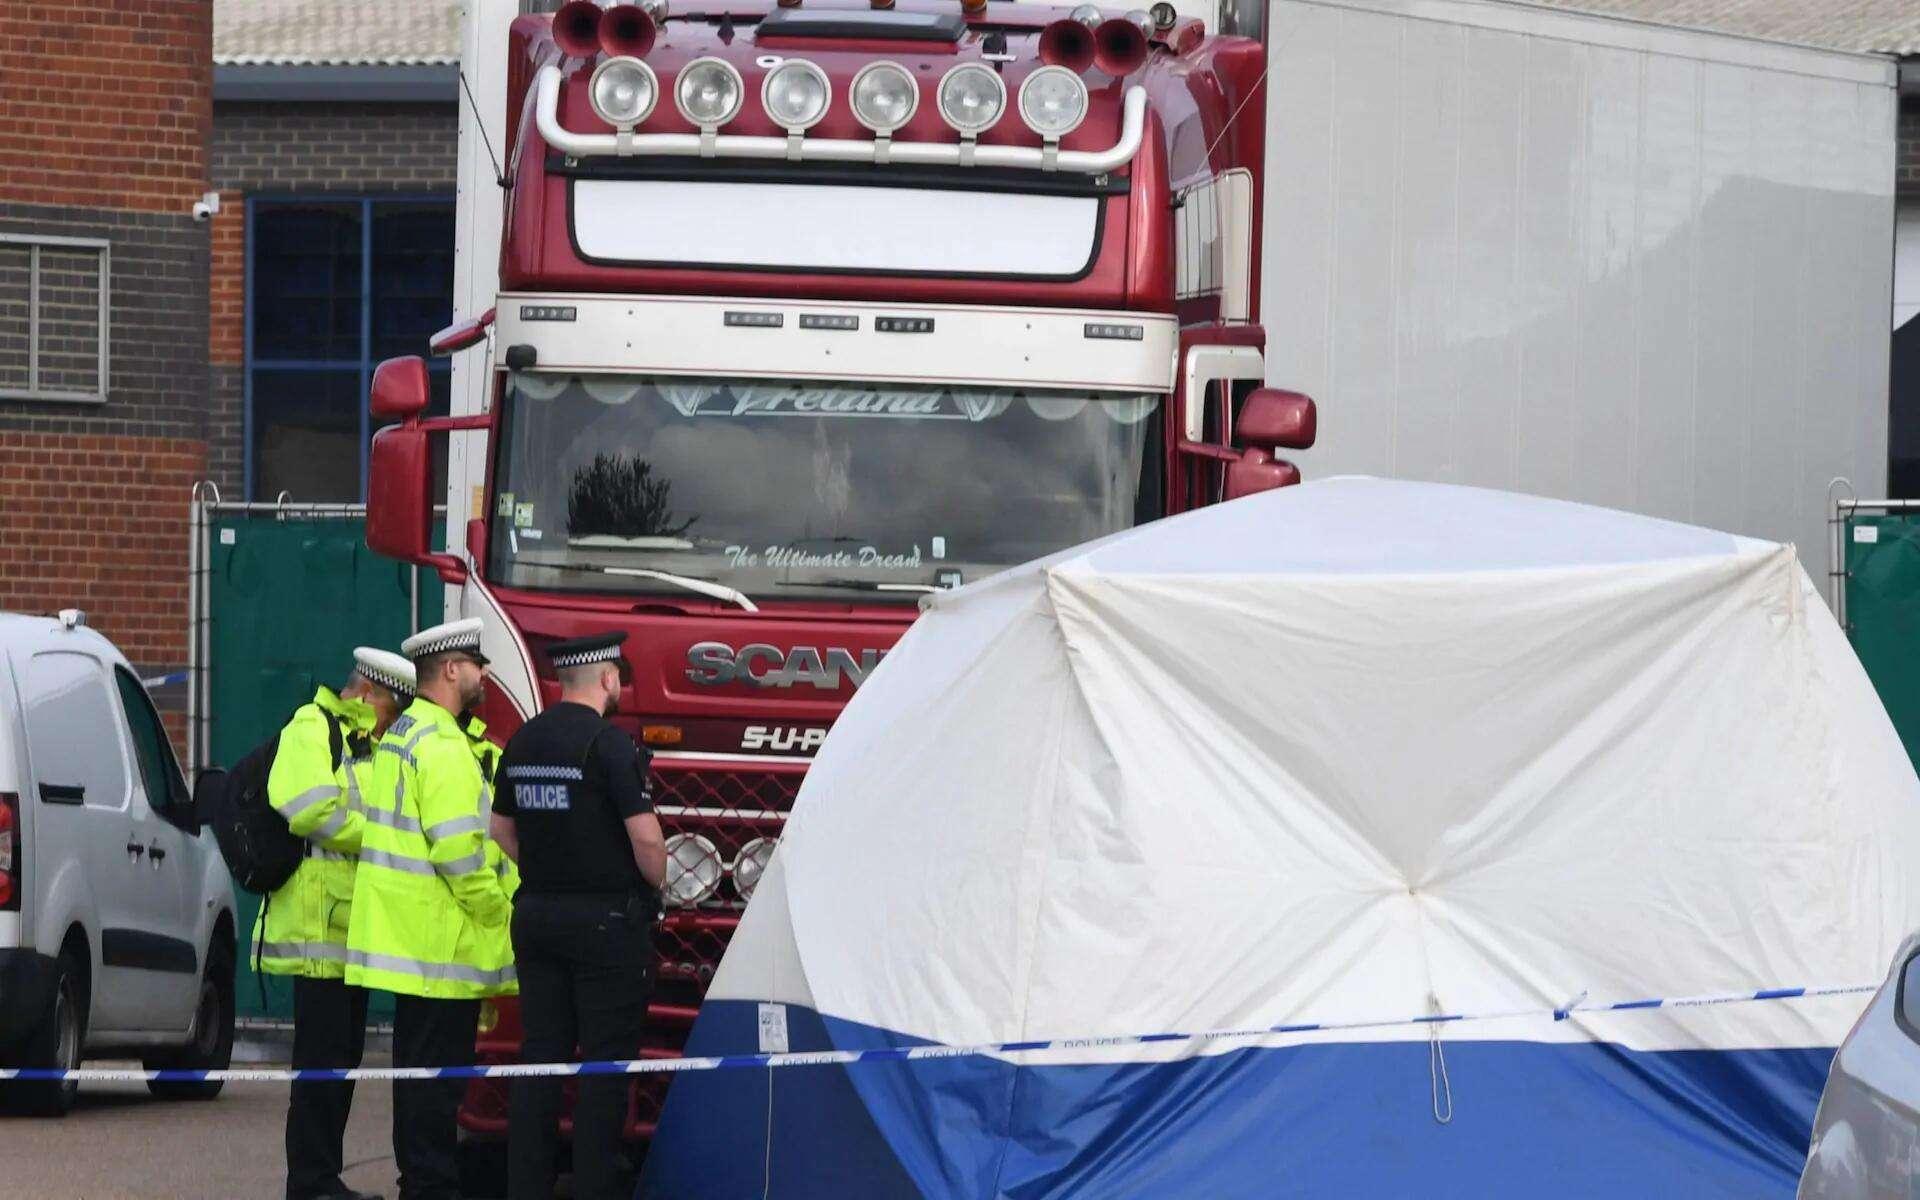 英国货车39具遗体案更多幕后细节被曝出